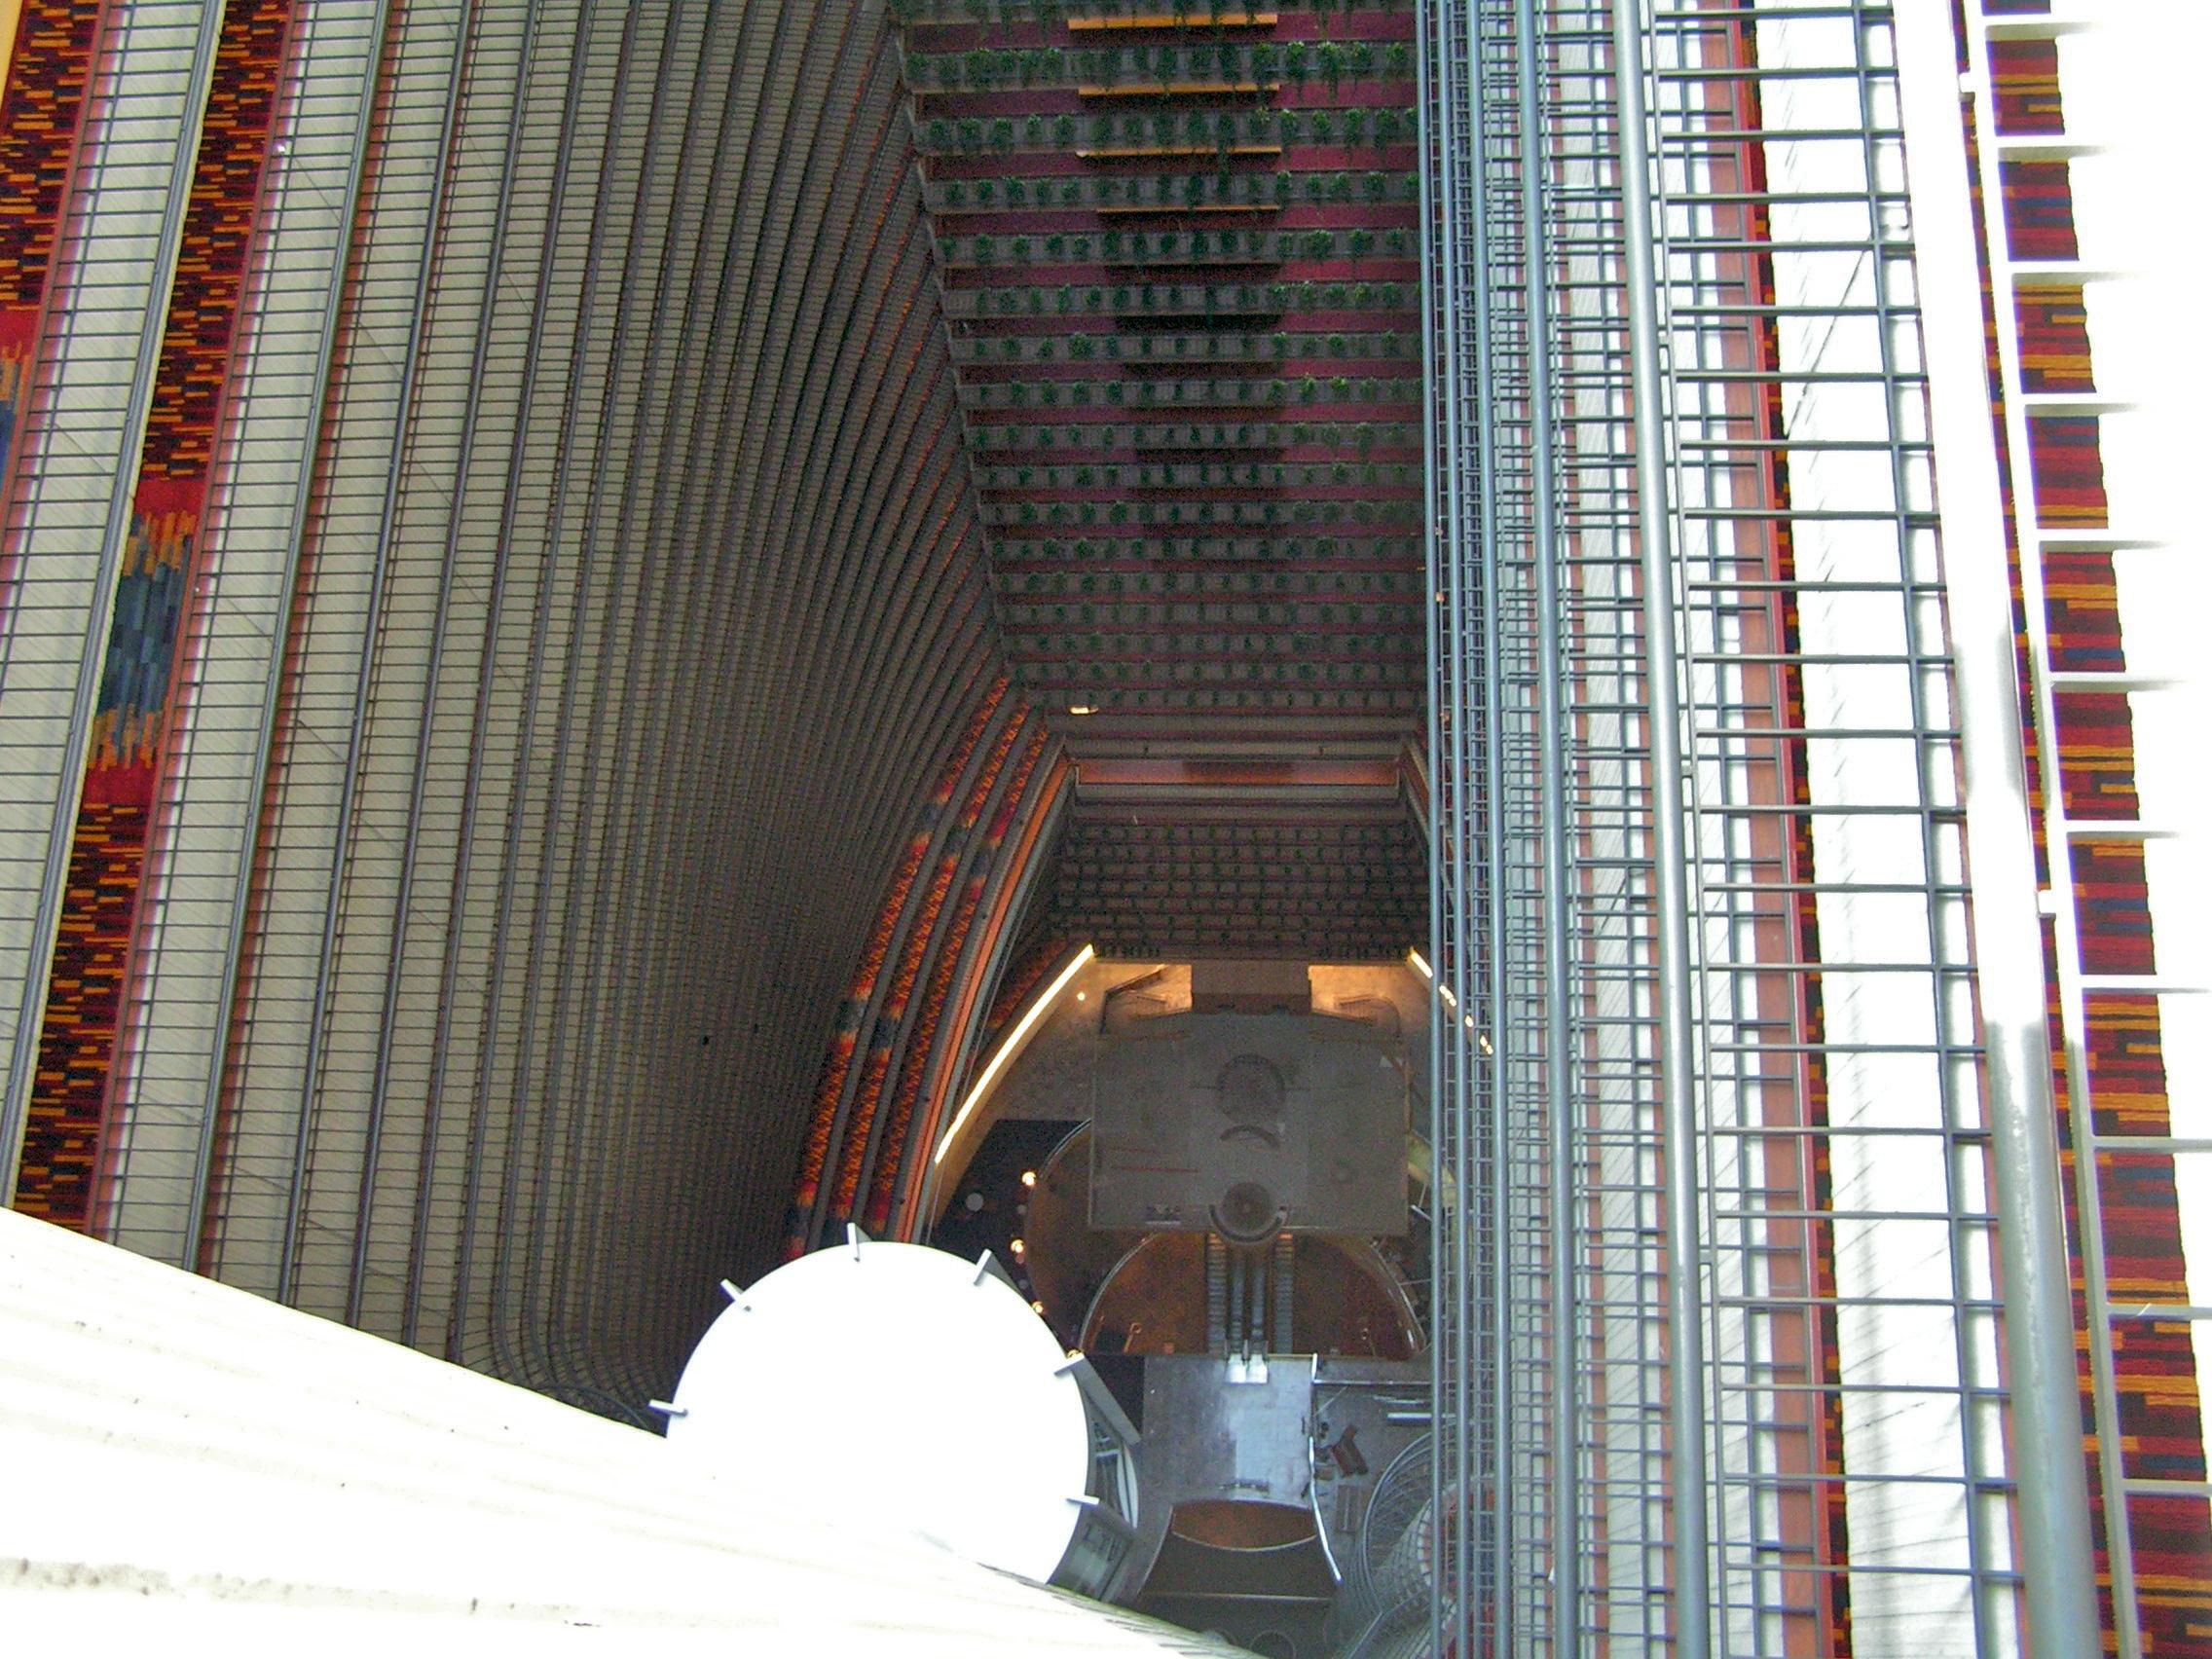 File:Marriott Marquis Atrium Top